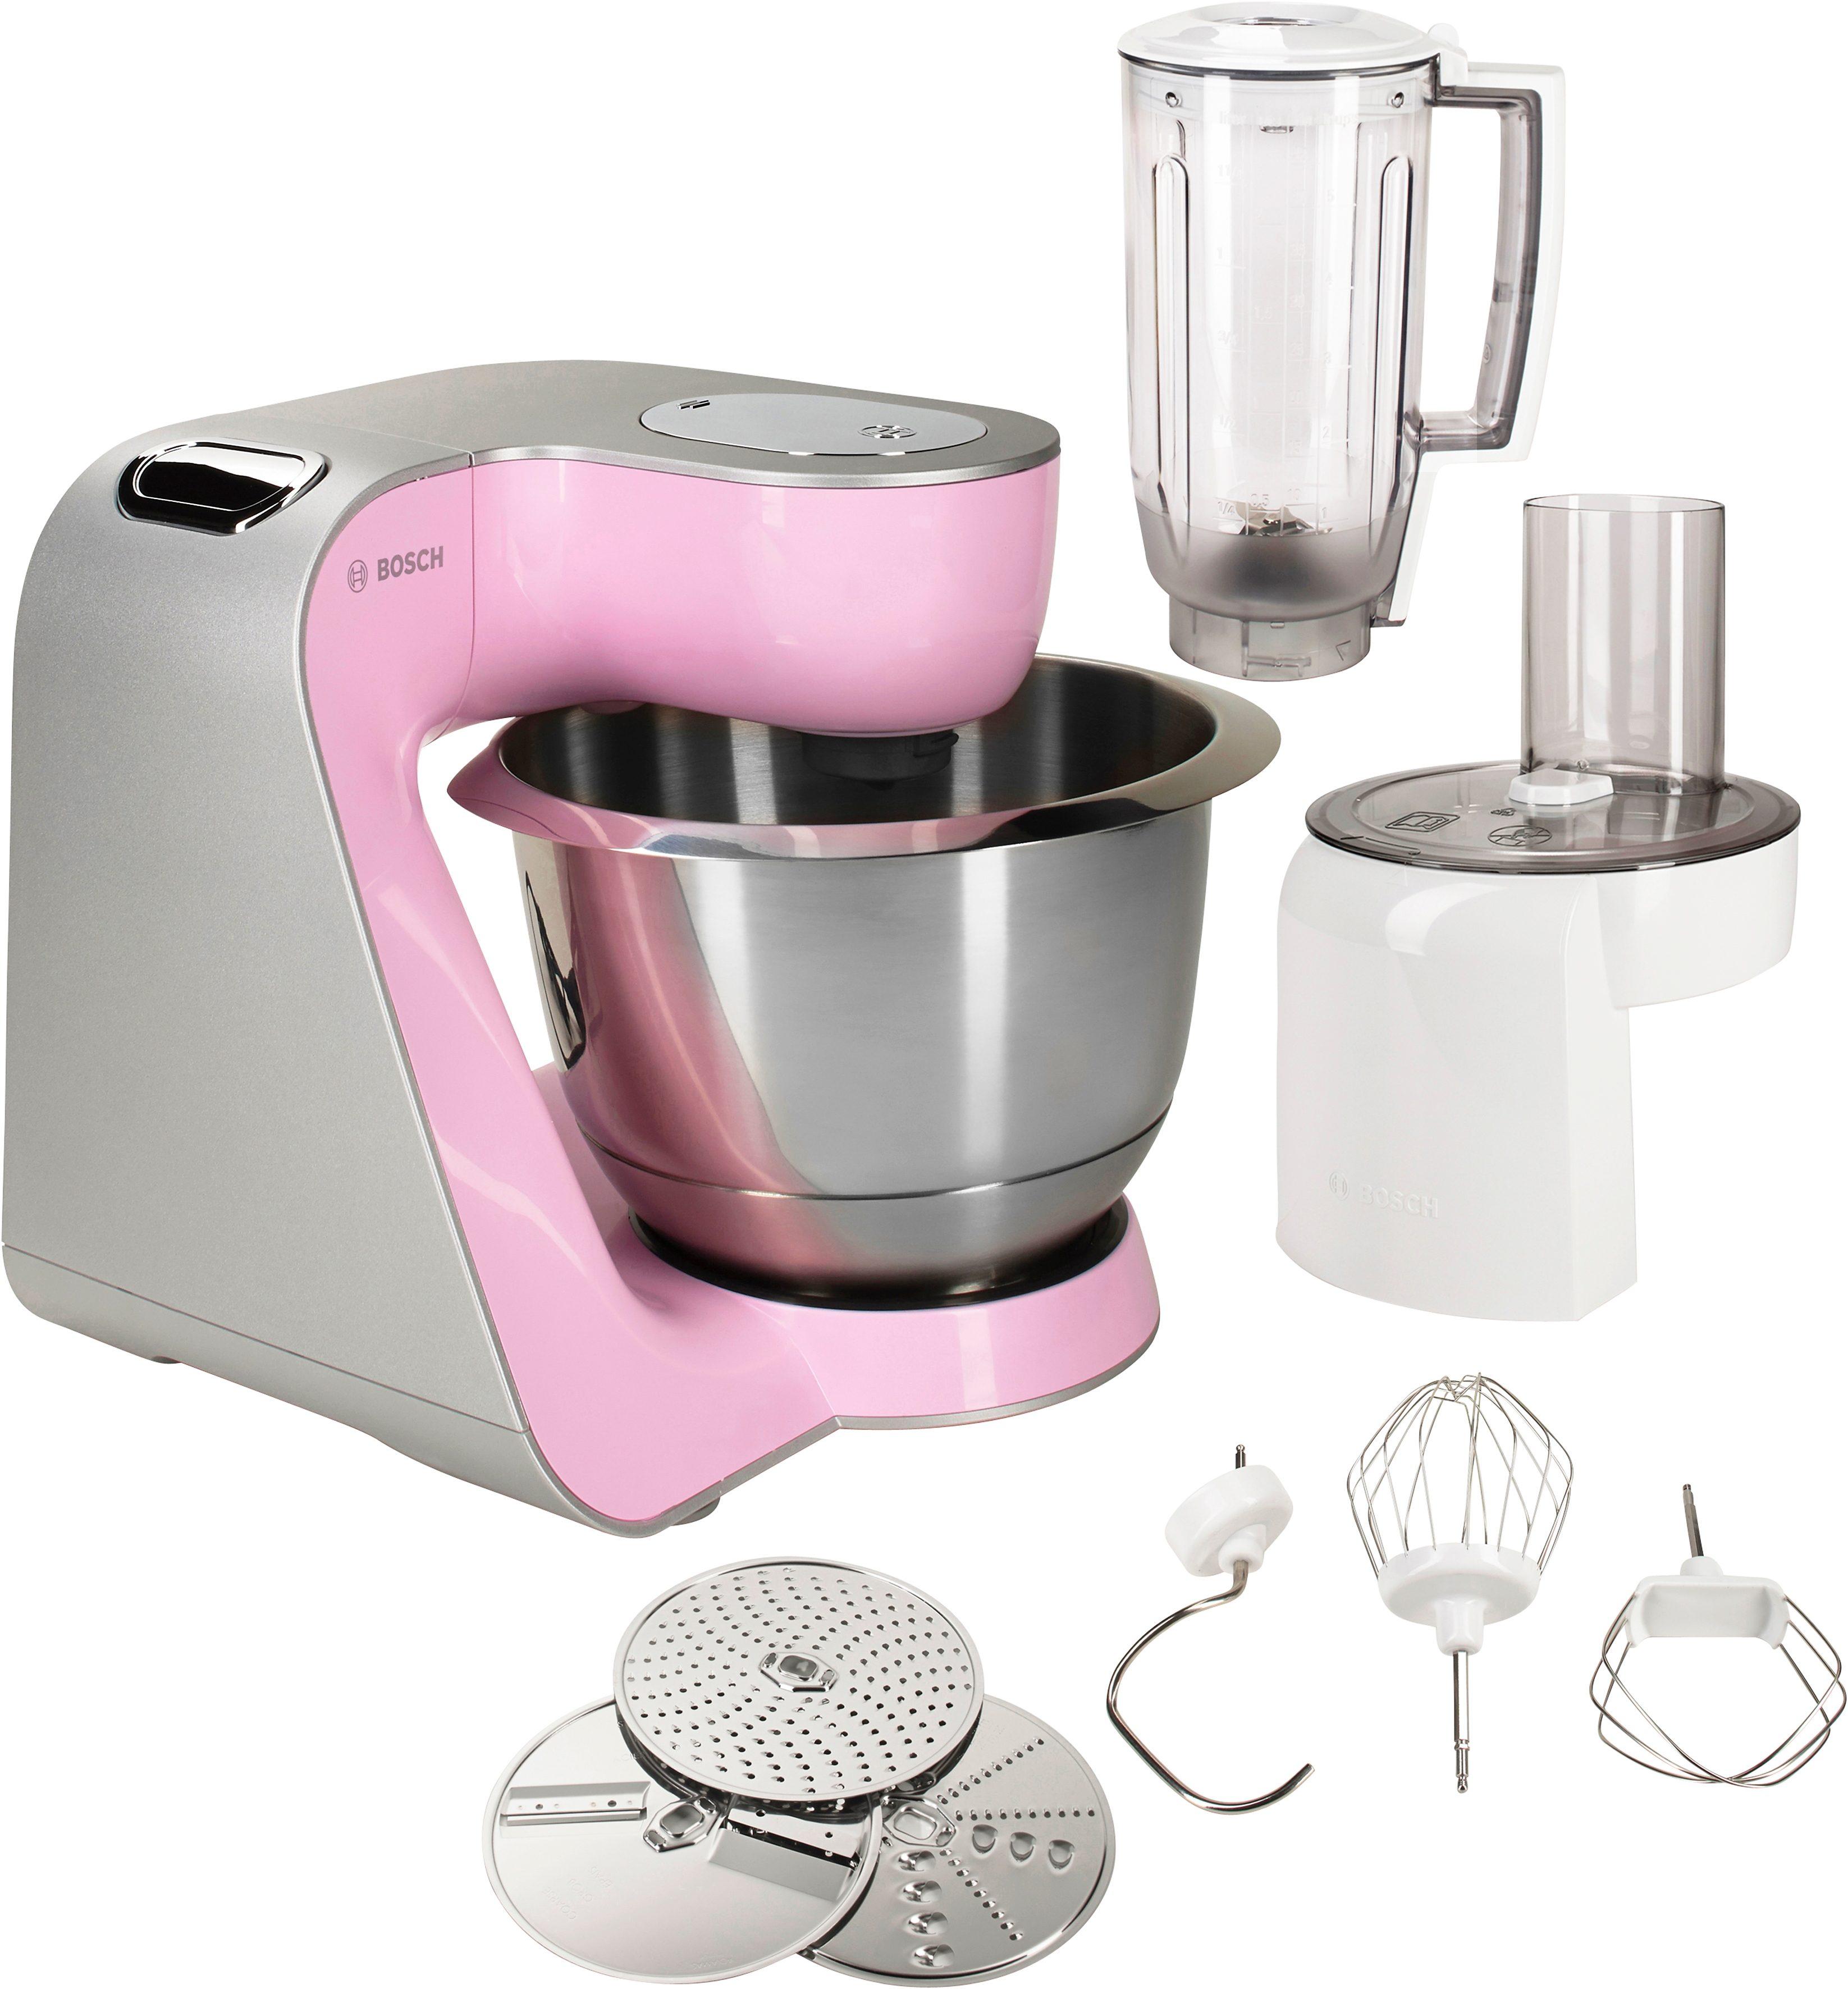 Küchengerät Bosch Mum – Home Sweet Home